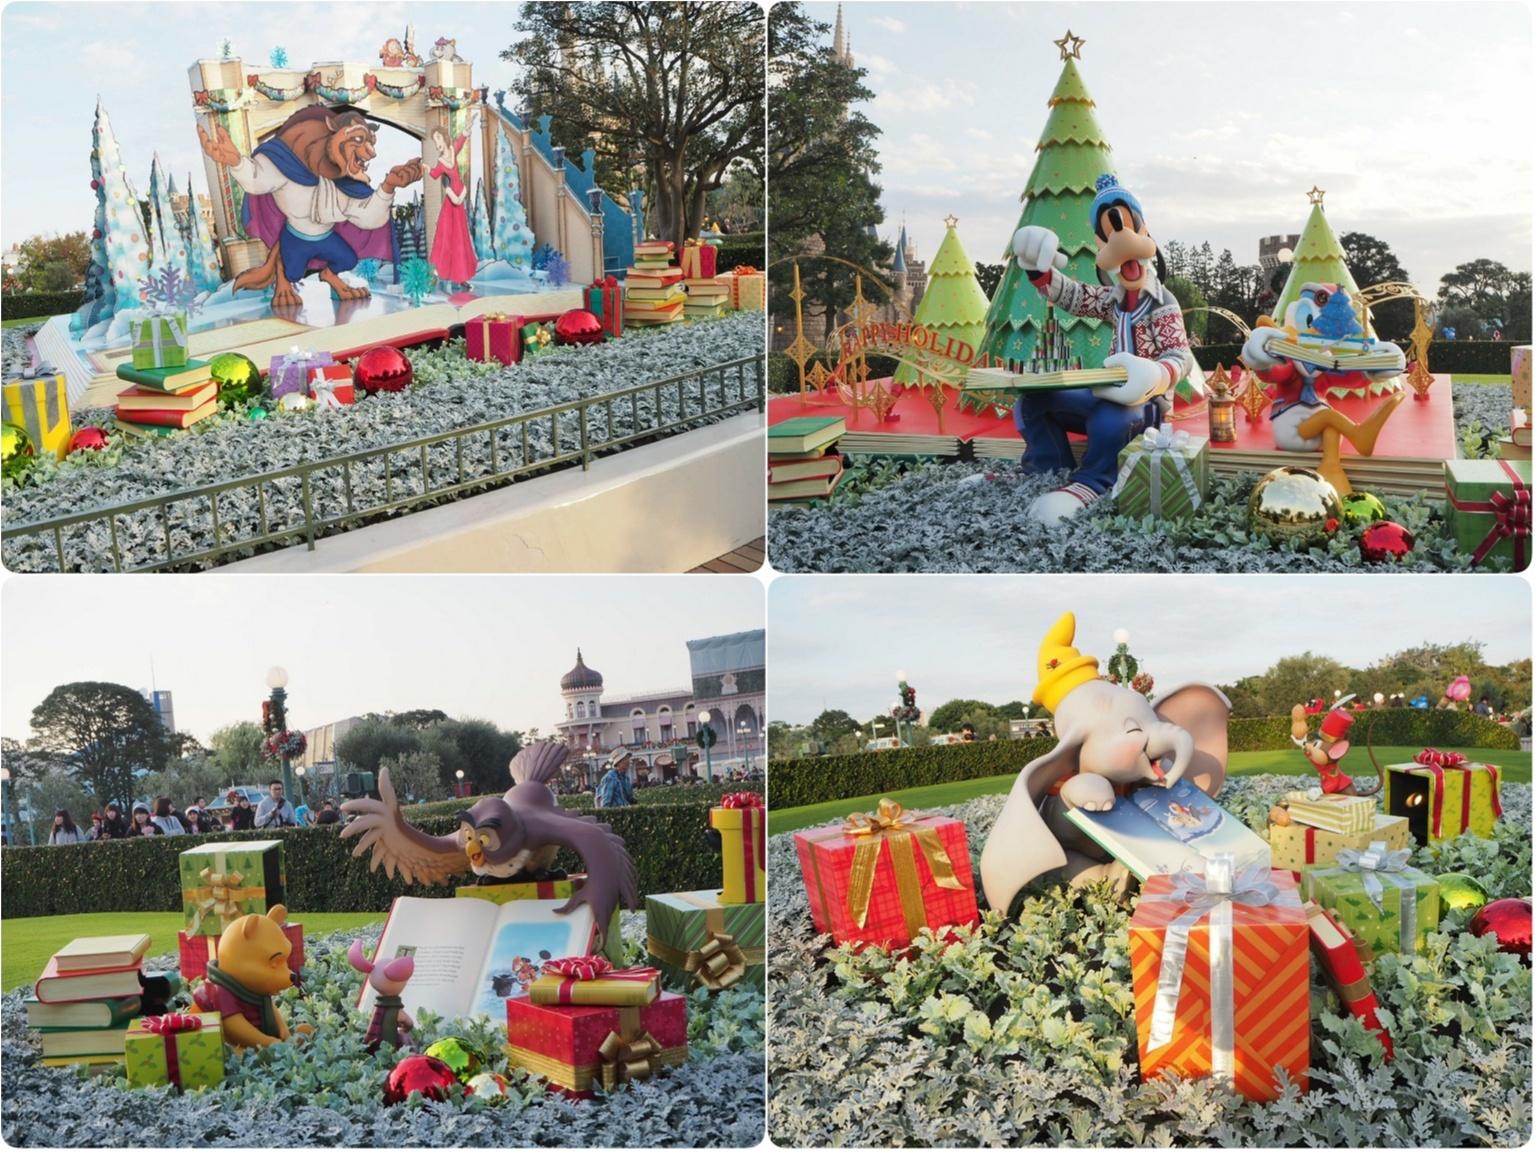 ディズニーランドクリスマスシーズン到来♪ー今の時期食べたいクリスマスグルメからお土産までー_4